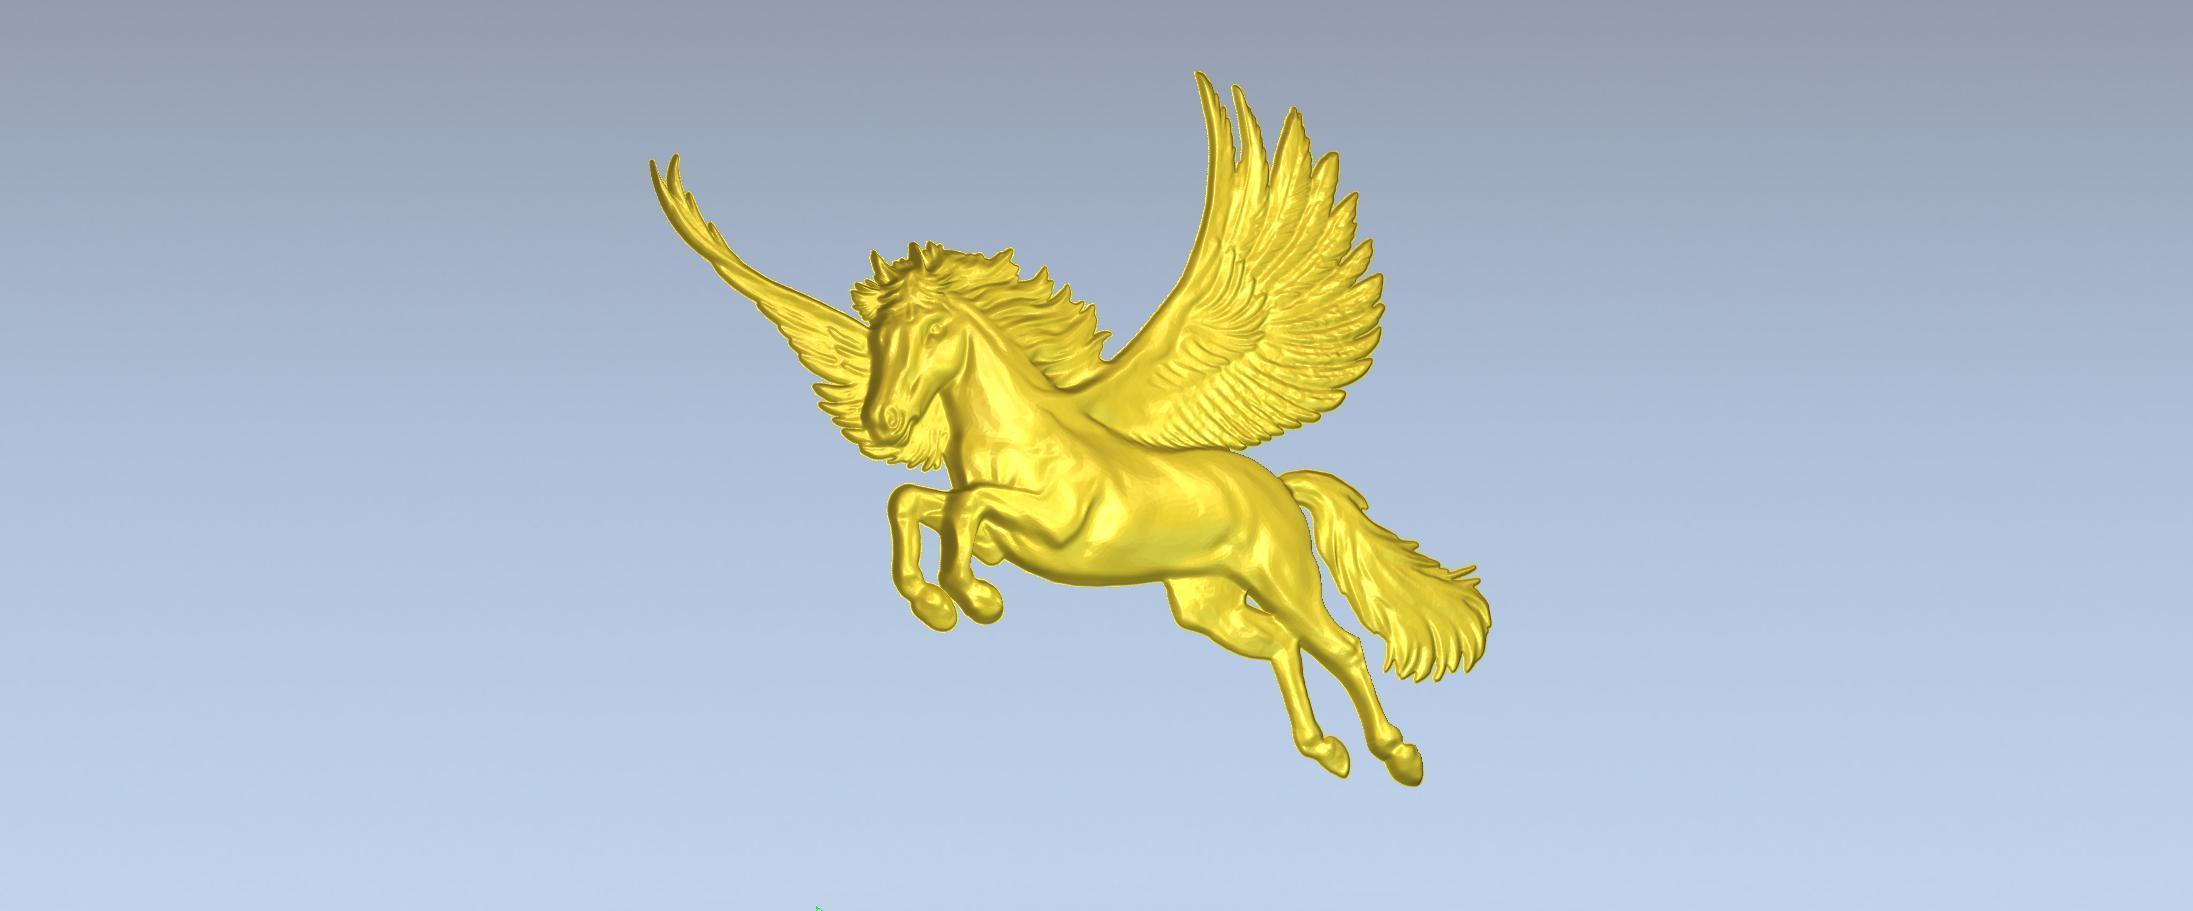 1.jpg Download free STL file 3D STL FILE PEGASUS • 3D printing model, ALPHA_MENA